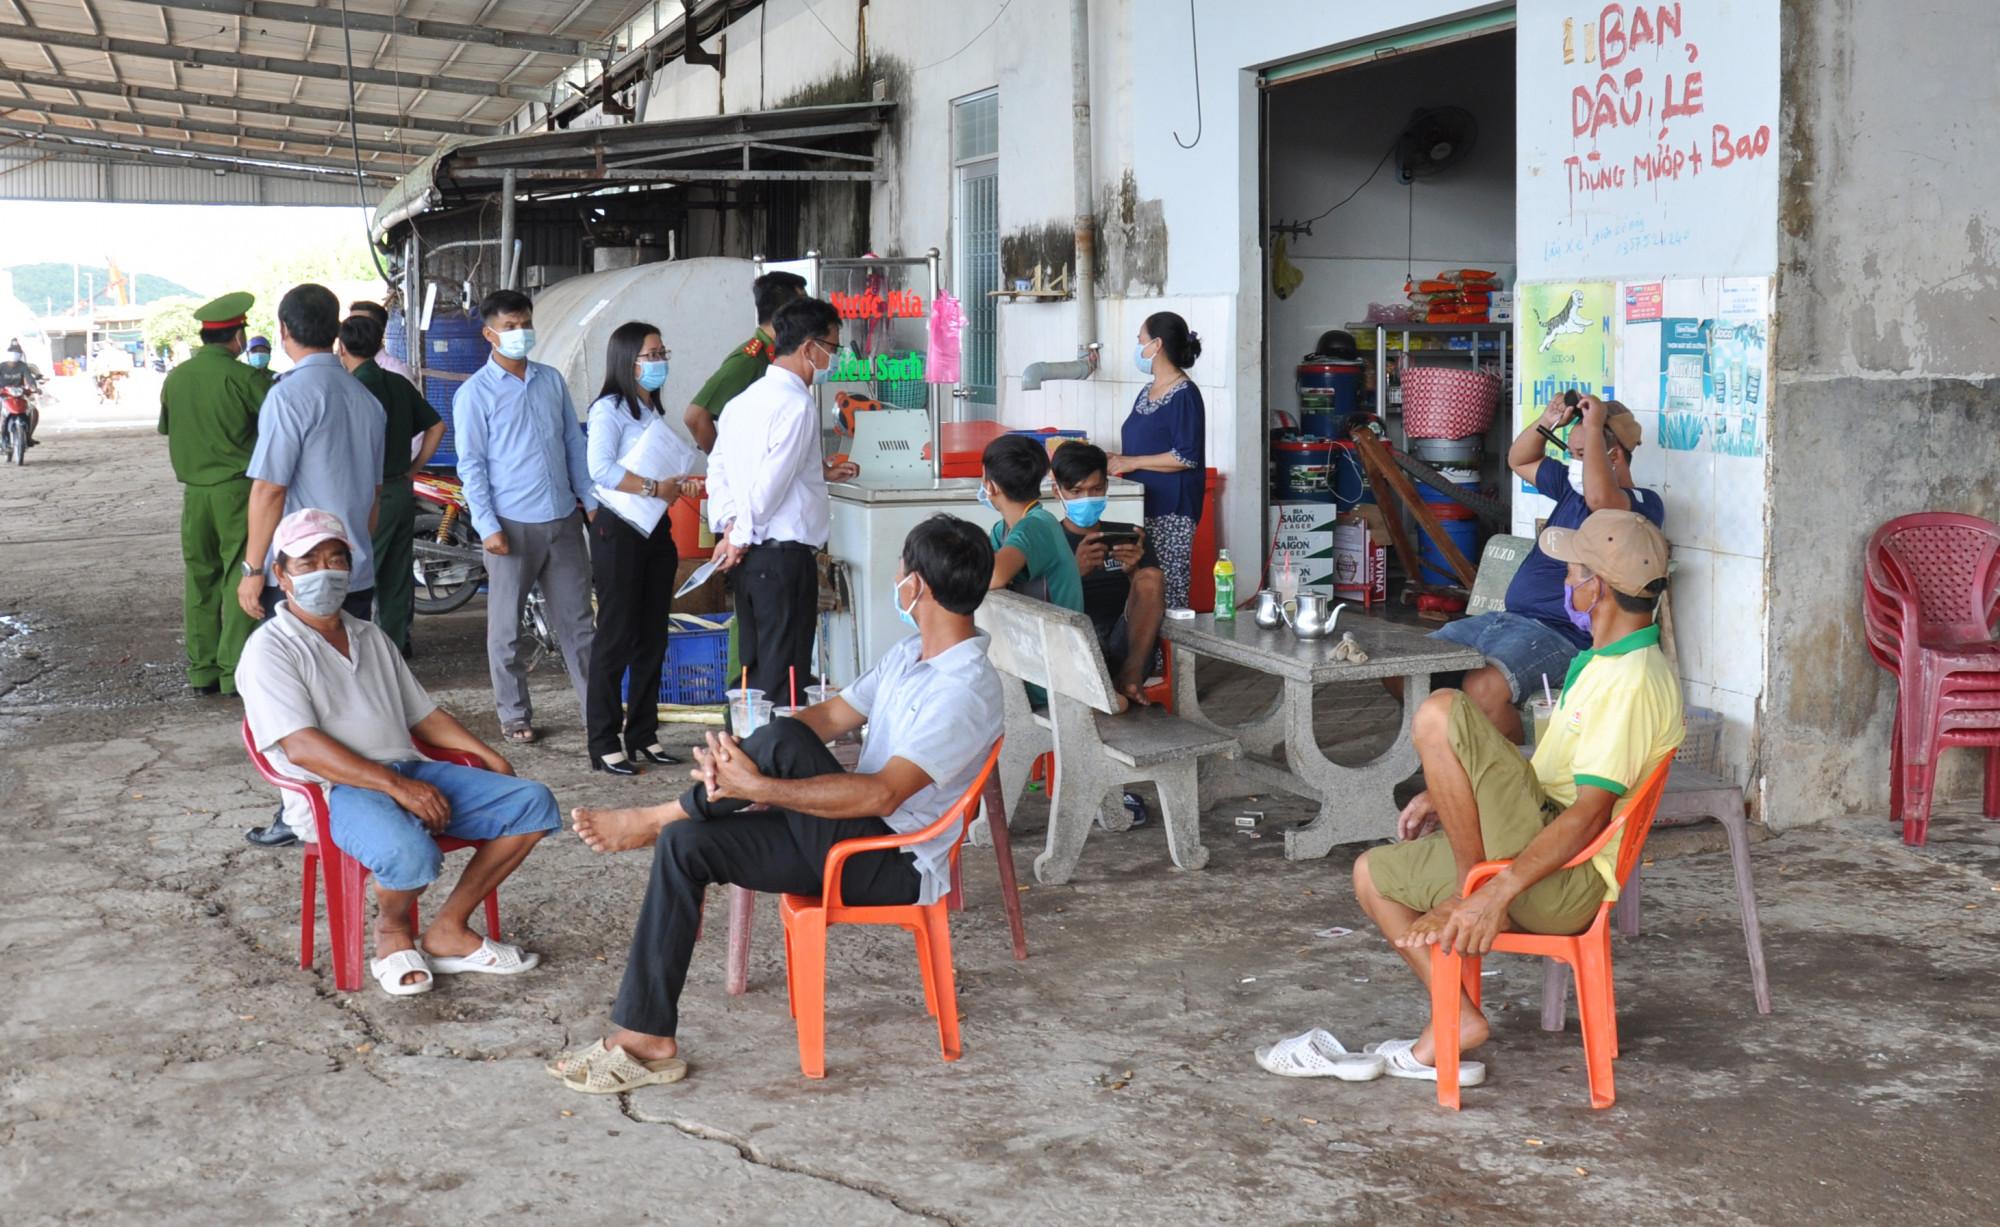 Lực ượng chức năng ở tỉnh Kiên Giang kiểm tra, nhắc nhở người dân trên địa bàn tránh tụ tập đông người, đeo khẩu trang nơi công cộng